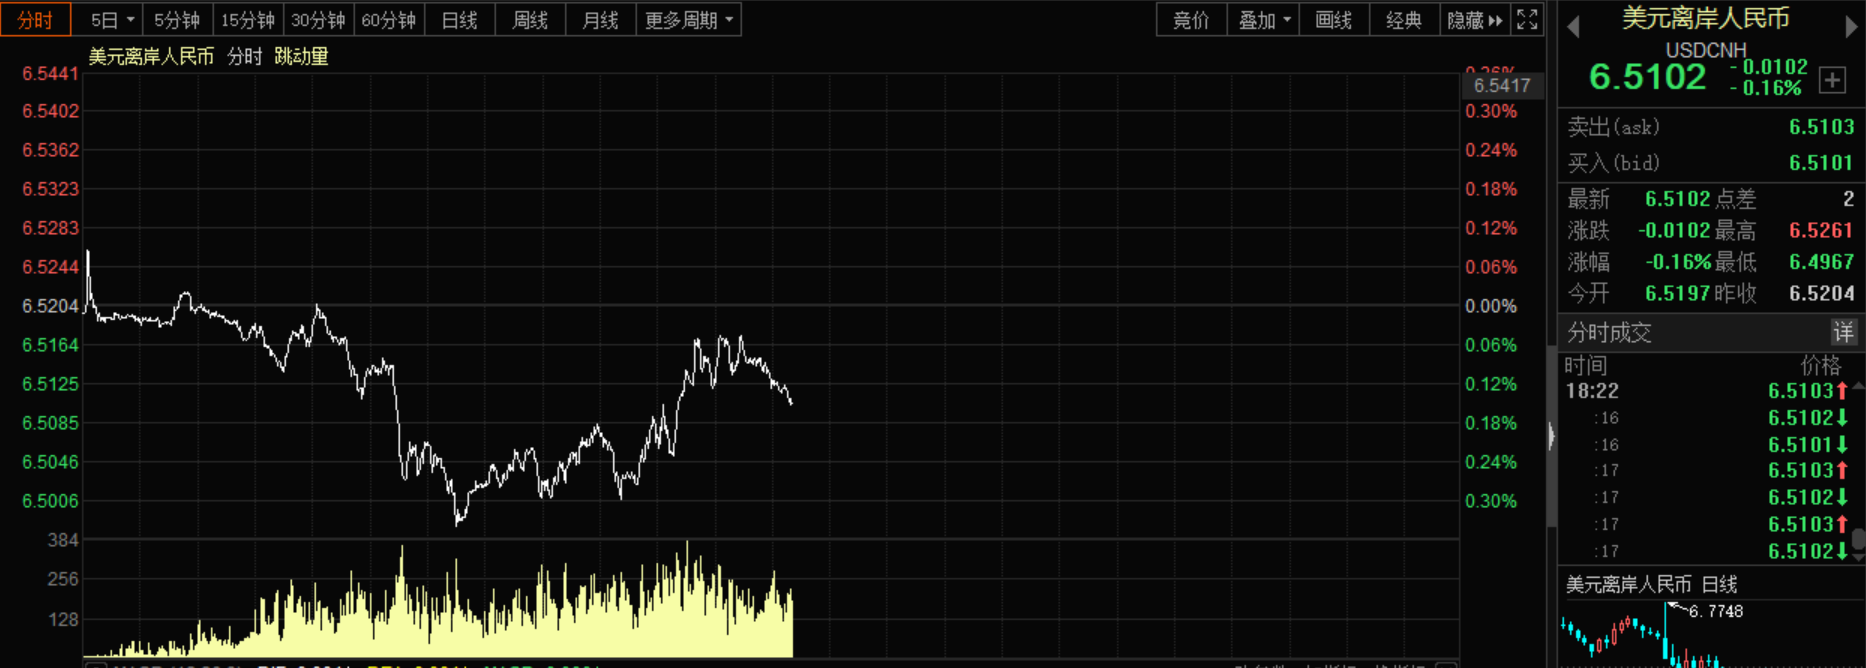 人民币突破6.50关口,半年飙升10%,这些板块最受益!